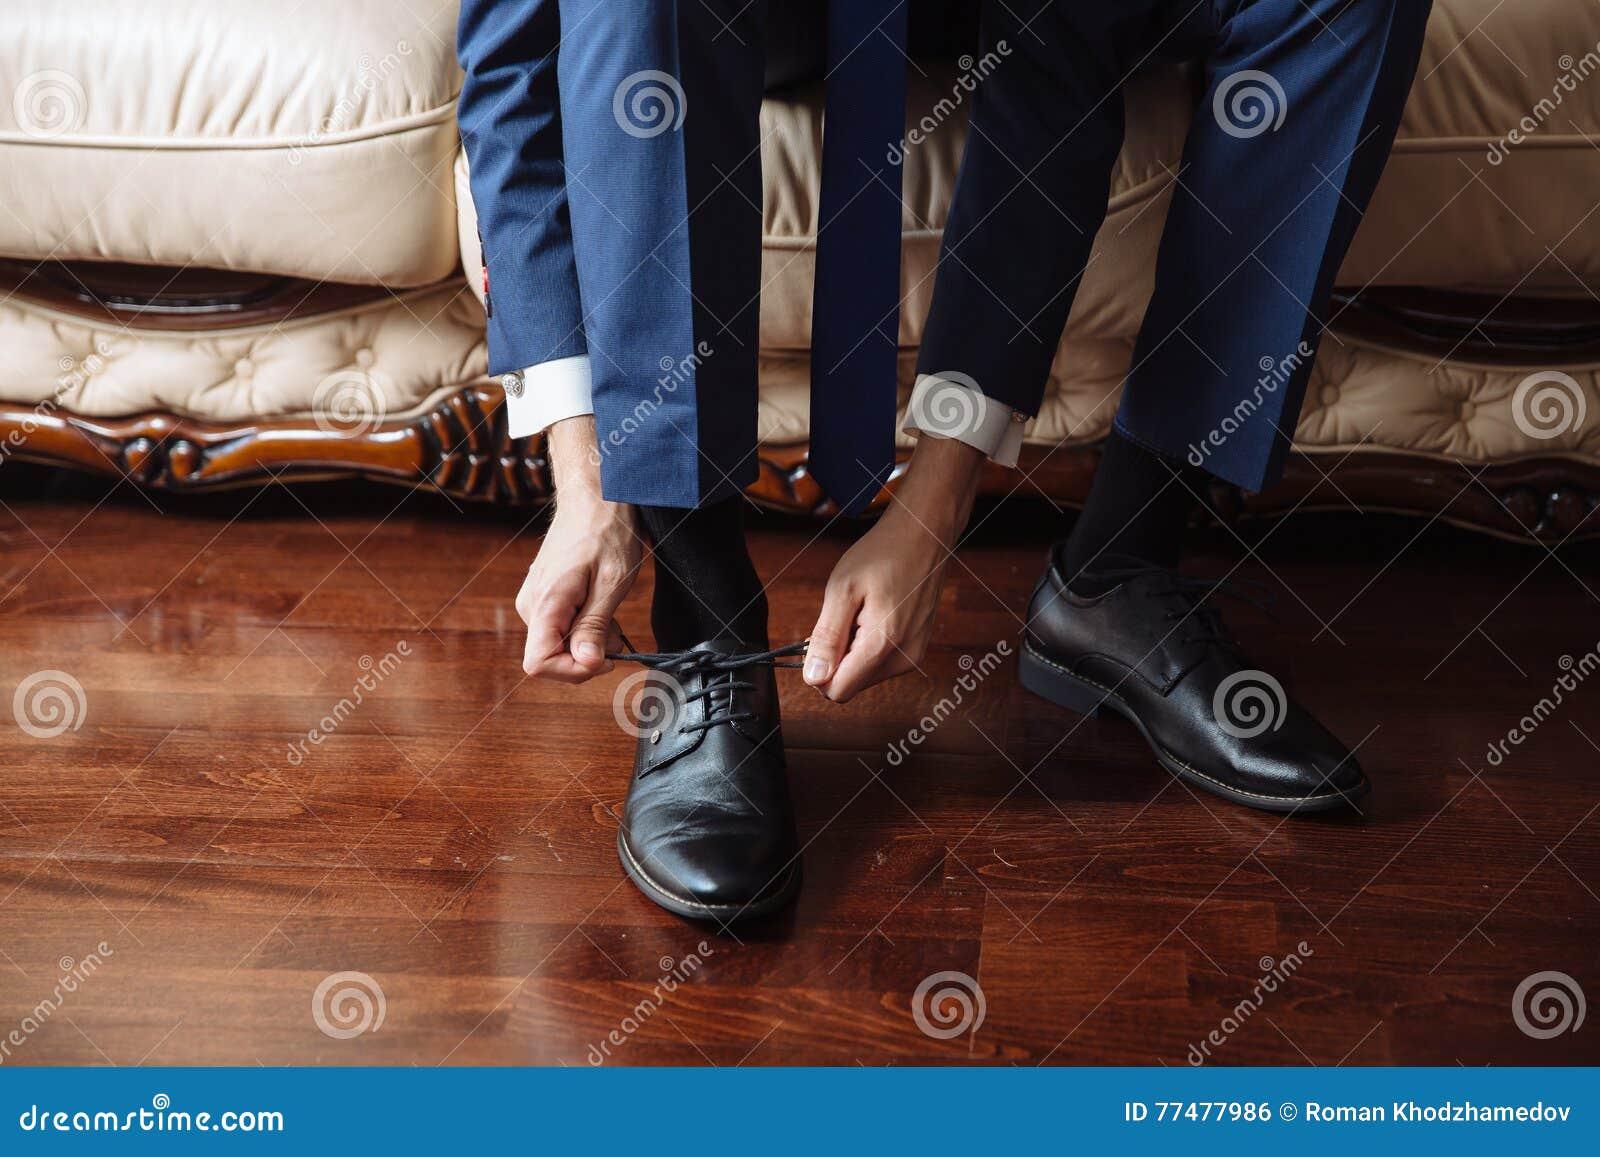 Clásicos Negocios Zapatos Para Arriba Viste Que Con Los De Se Hombre 35qjL4AR